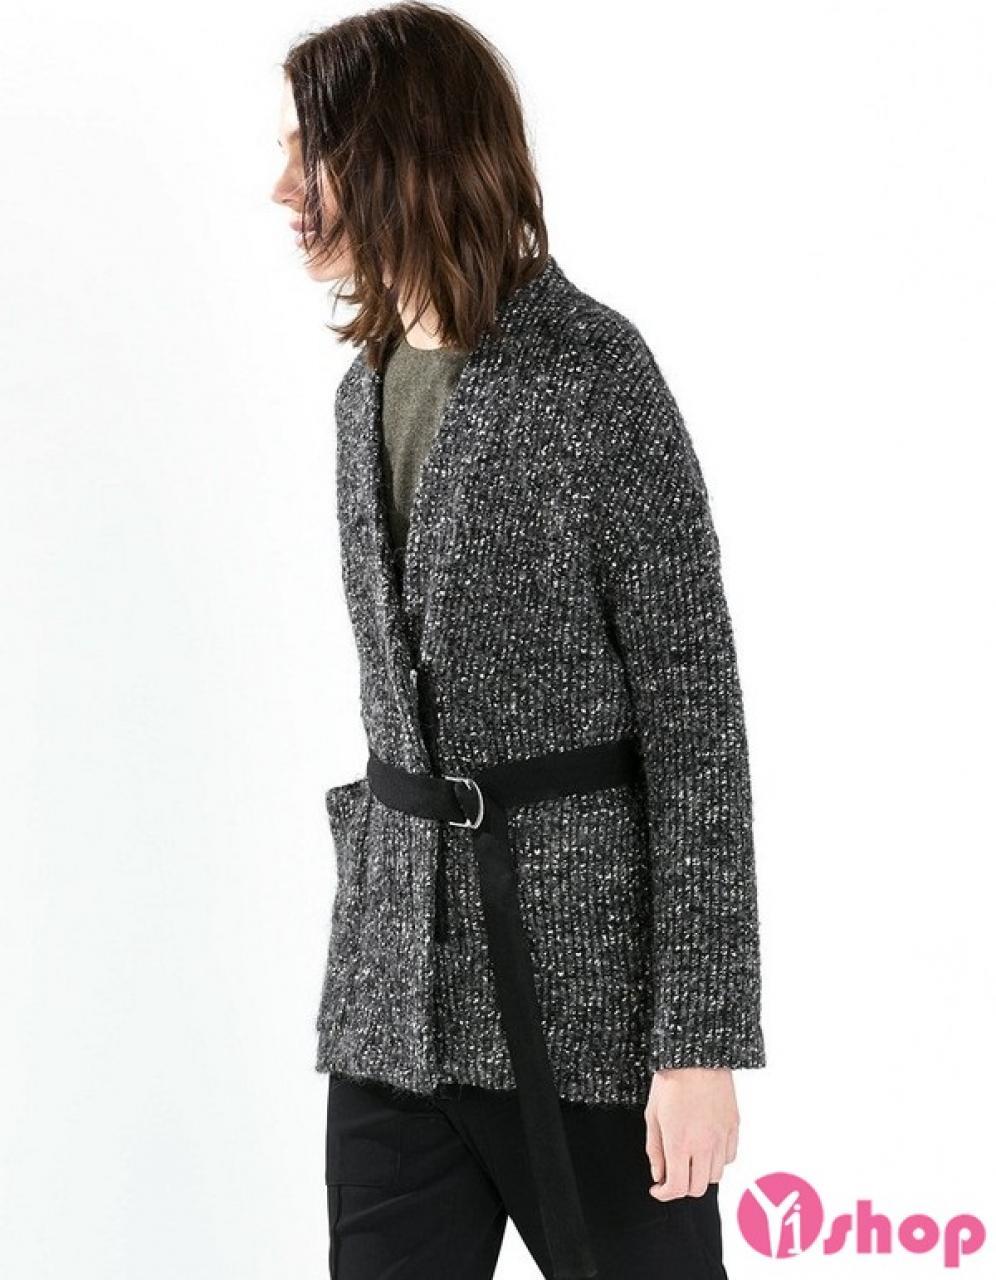 Áo khoác nữ thắt đai eo đẹp thu đông 2019 cho nàng khoe vòng eo thon gọn